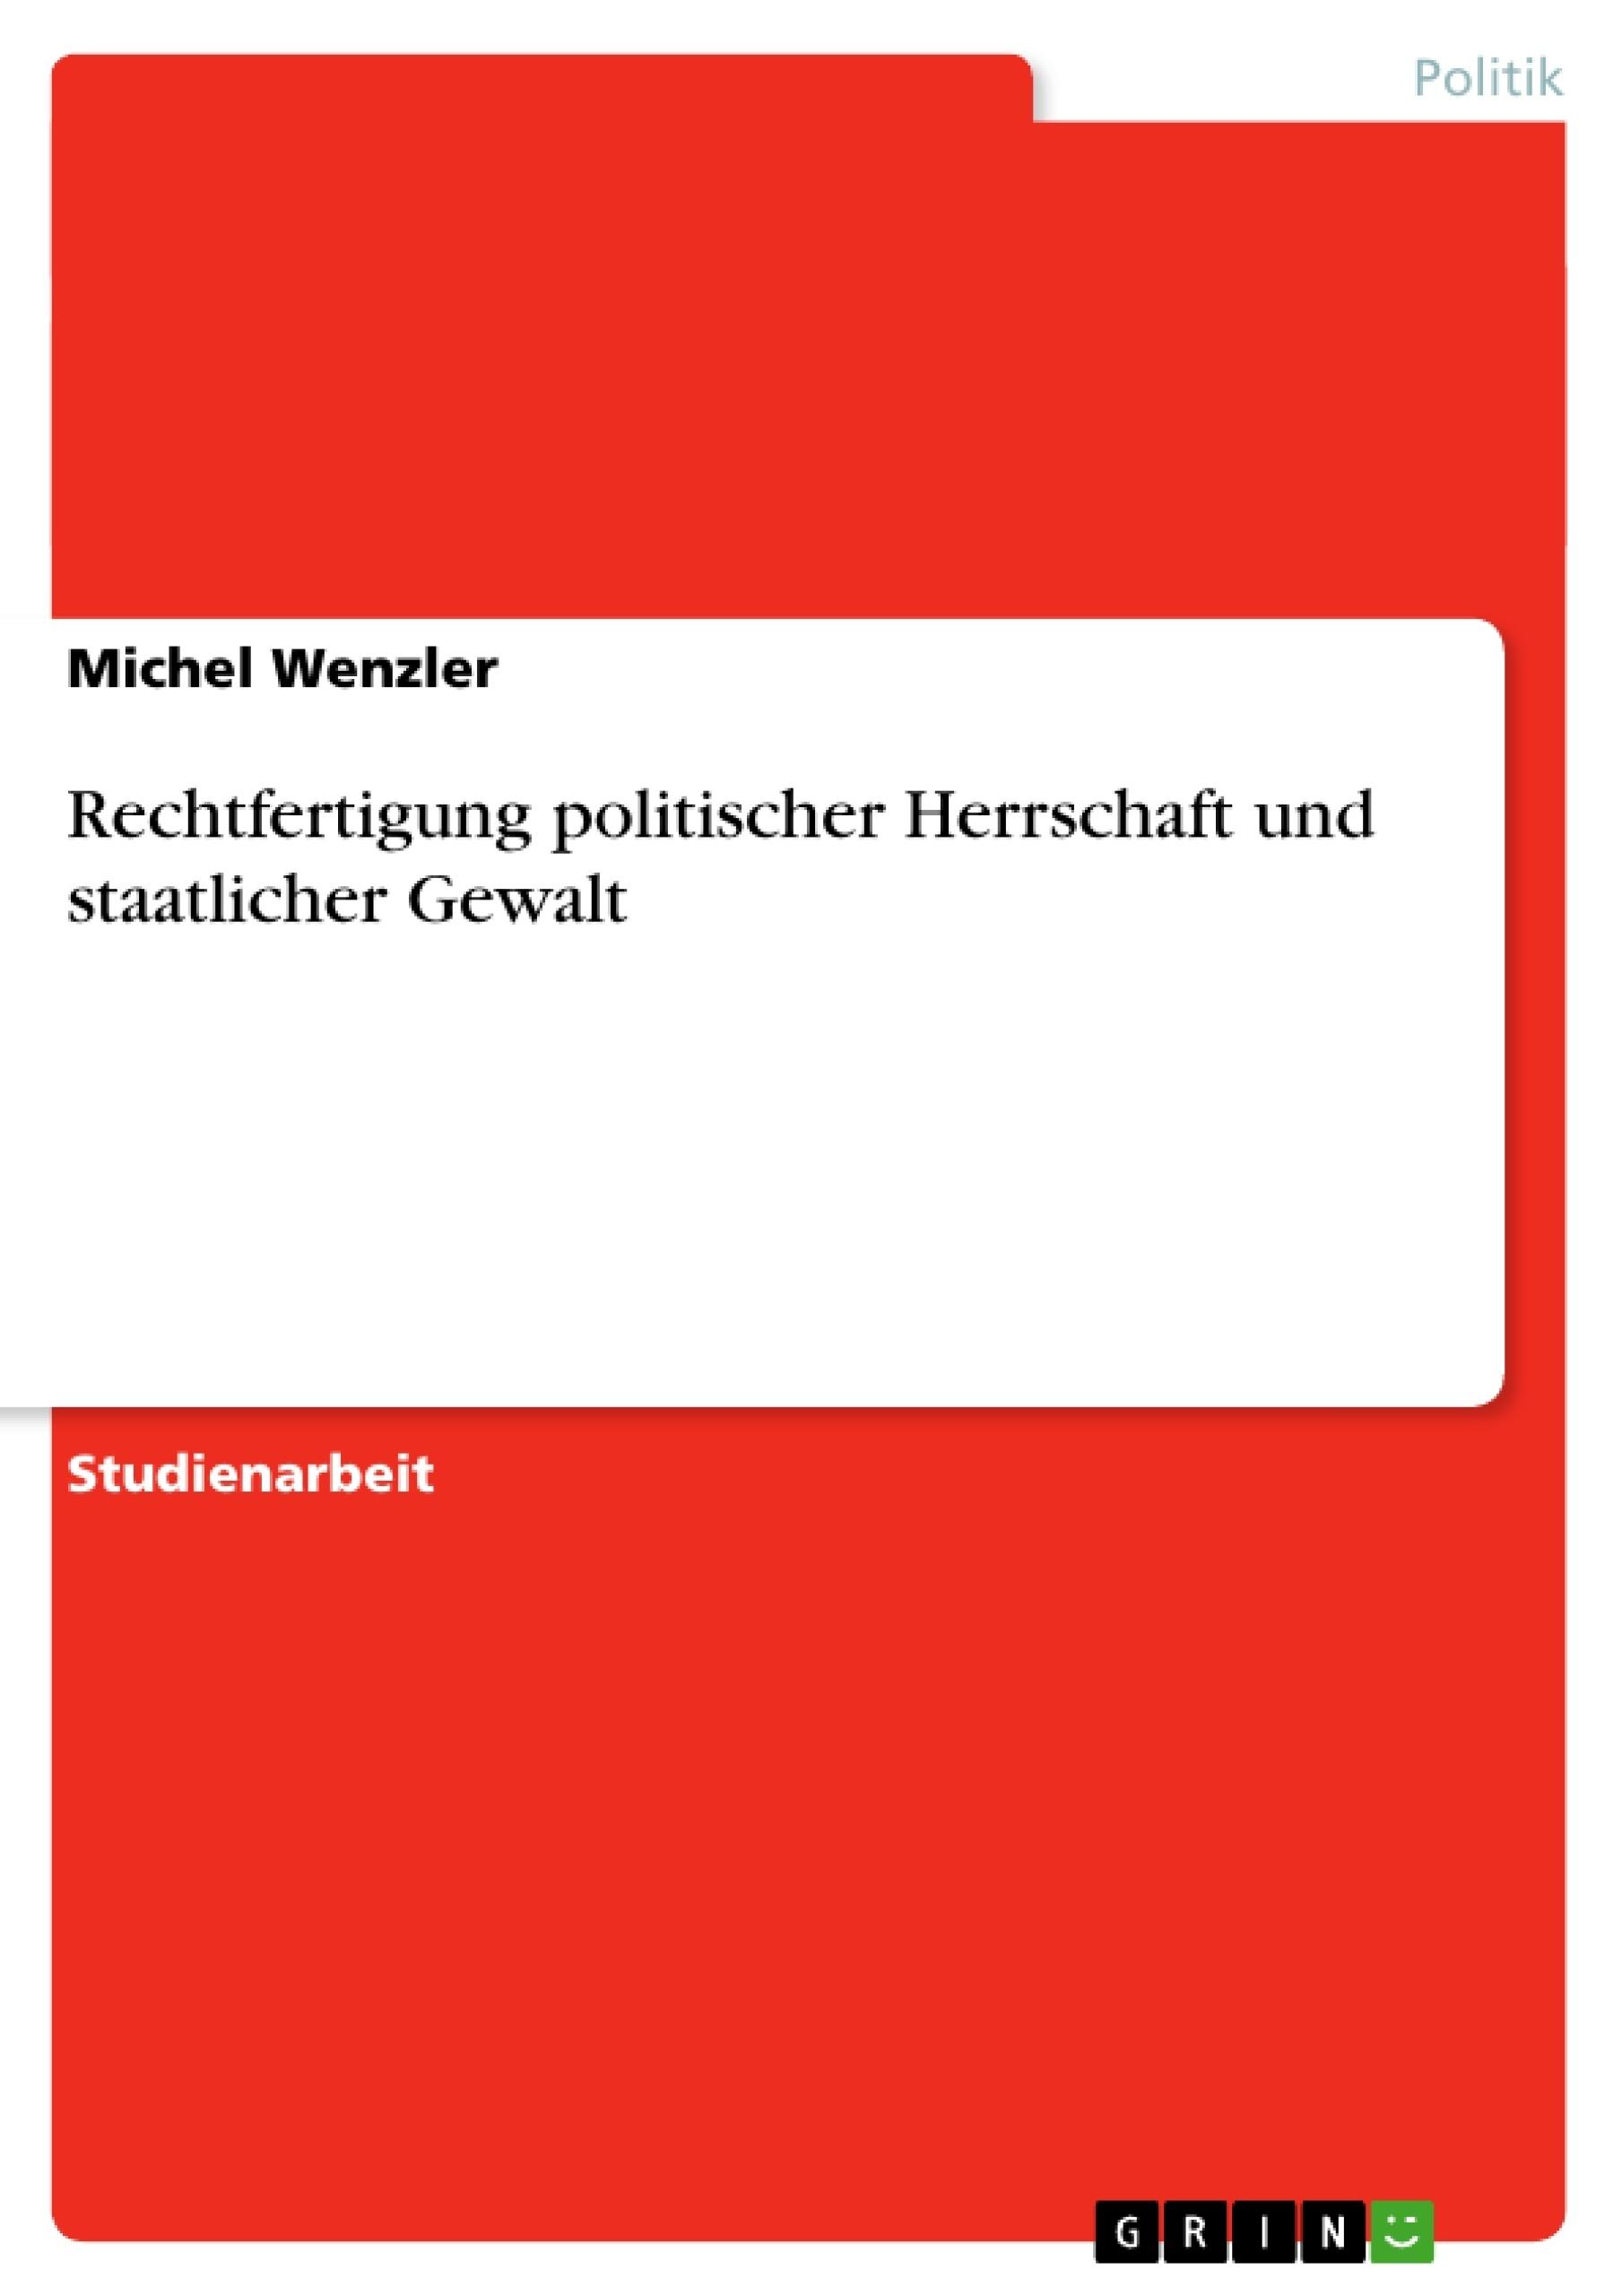 Titel: Rechtfertigung politischer Herrschaft und staatlicher Gewalt